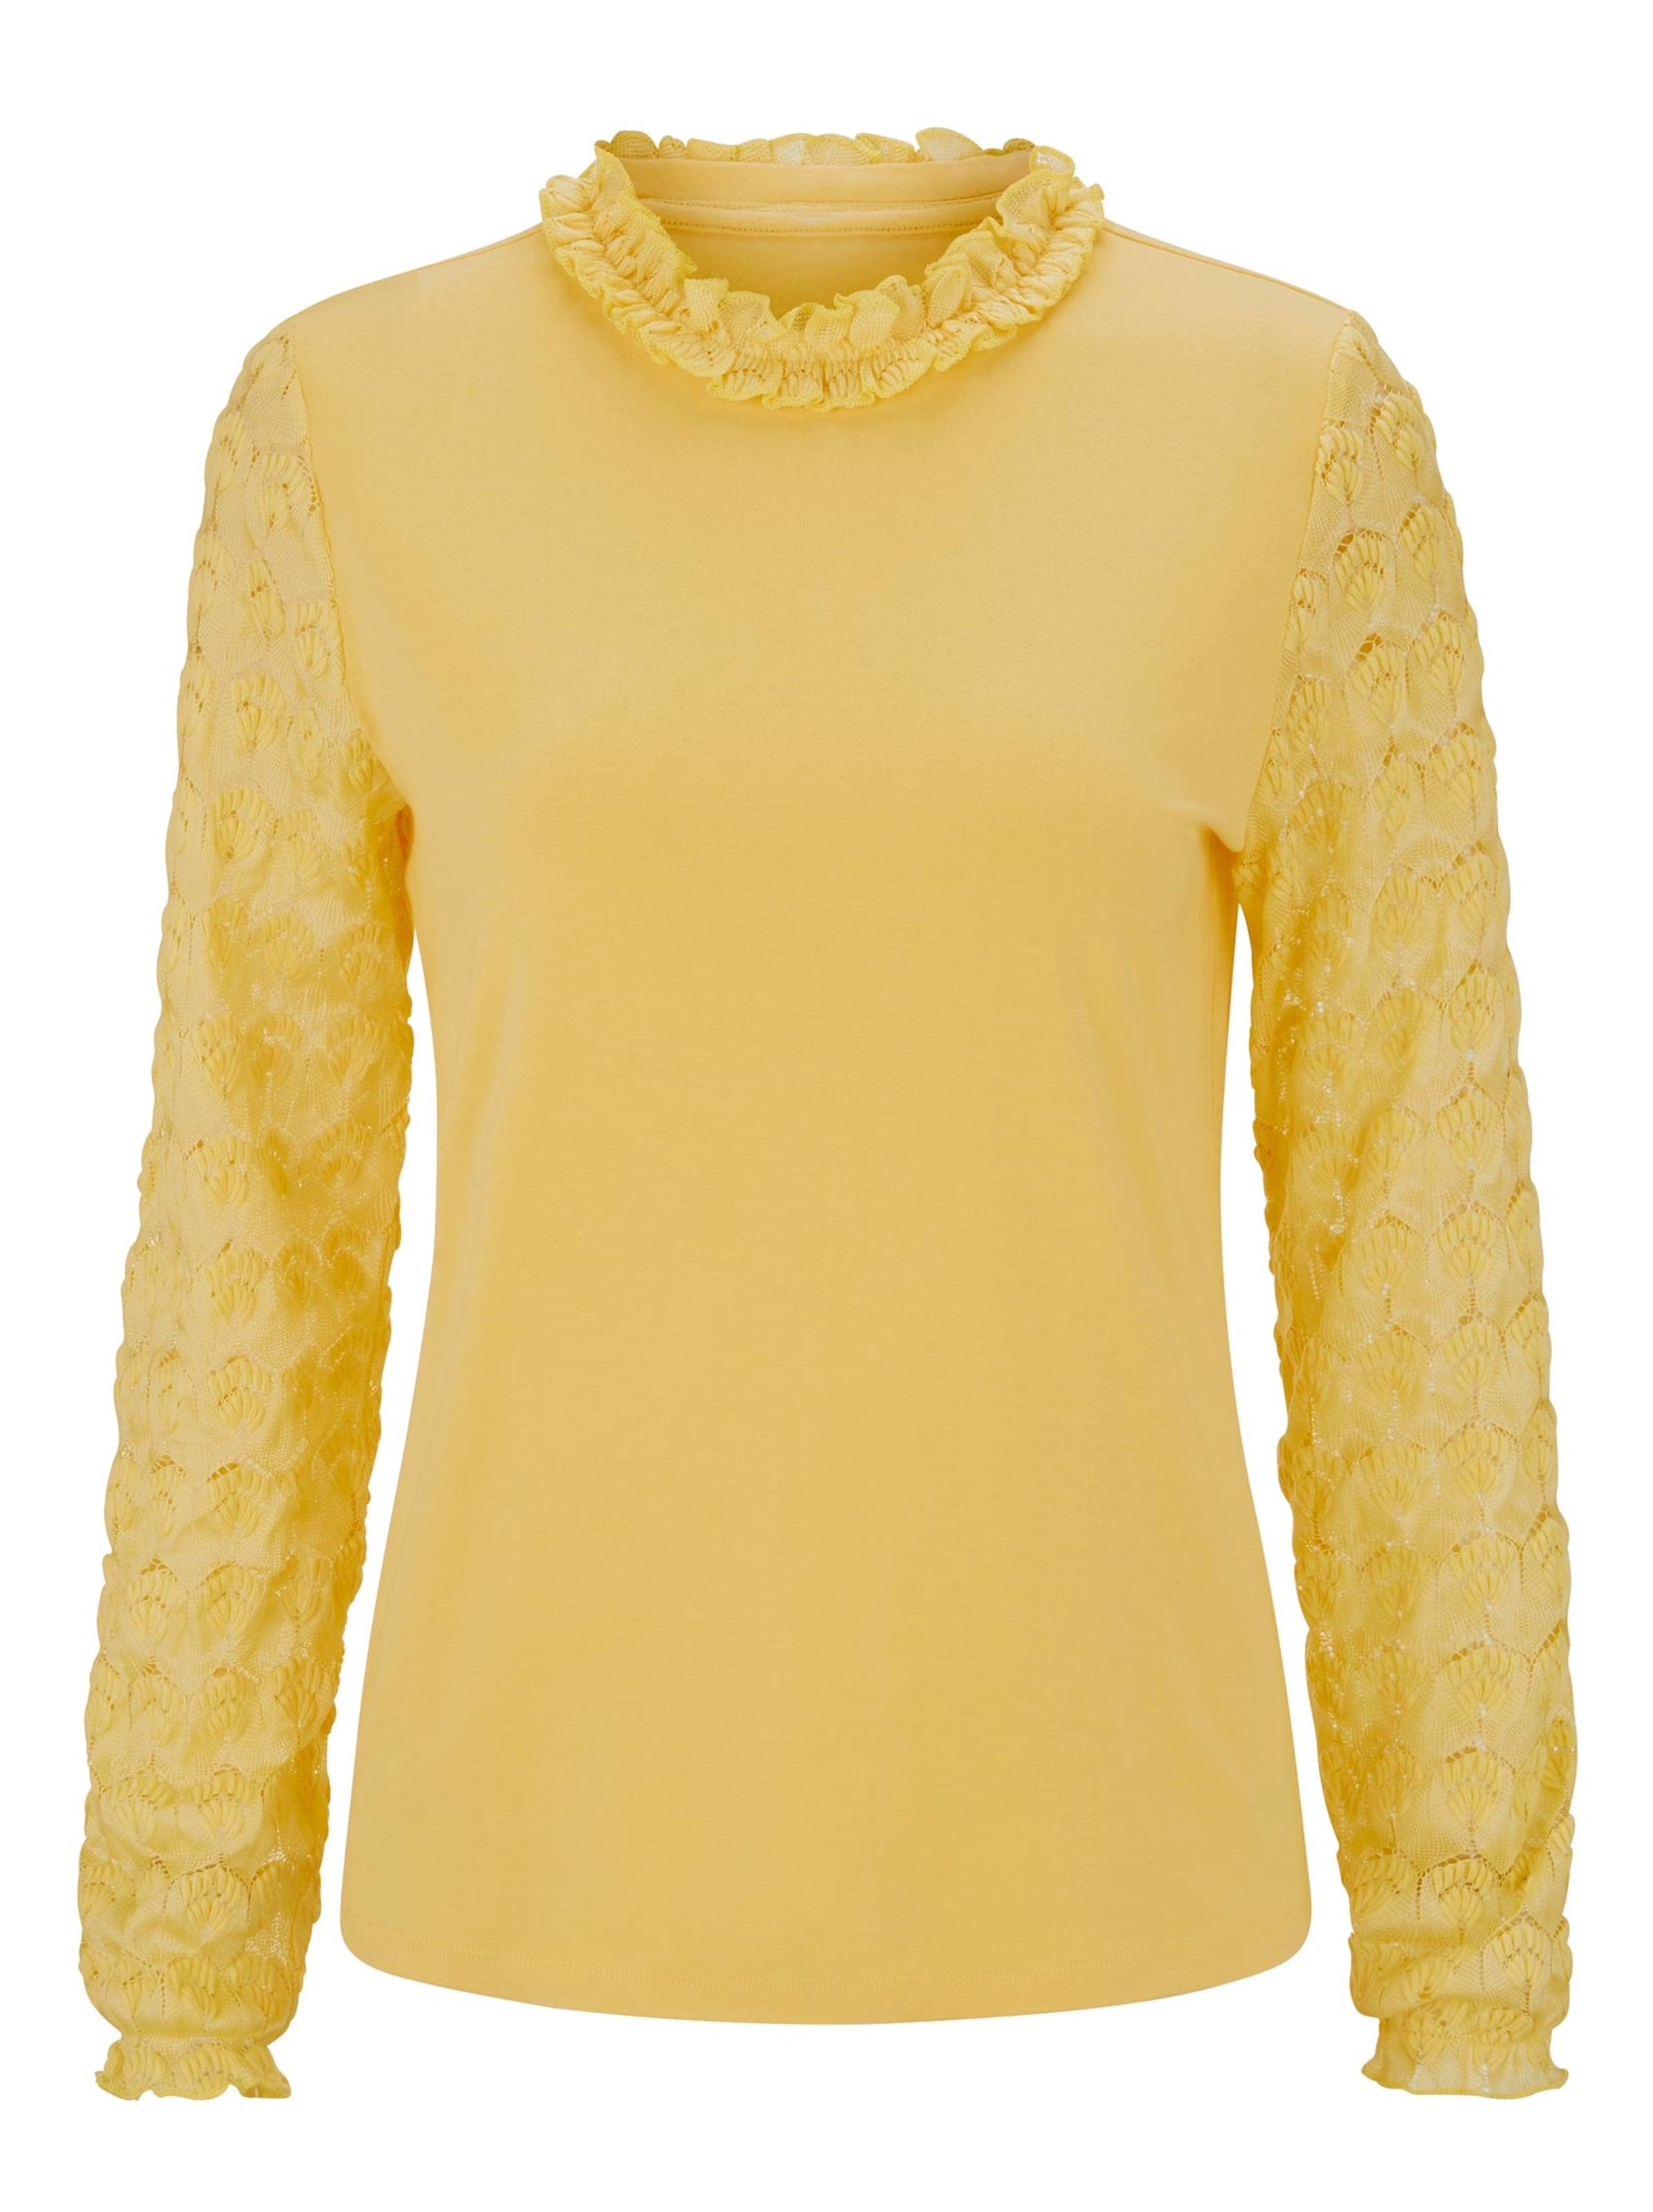 linea tesini - Witt Weiden Damen Shirt gelb